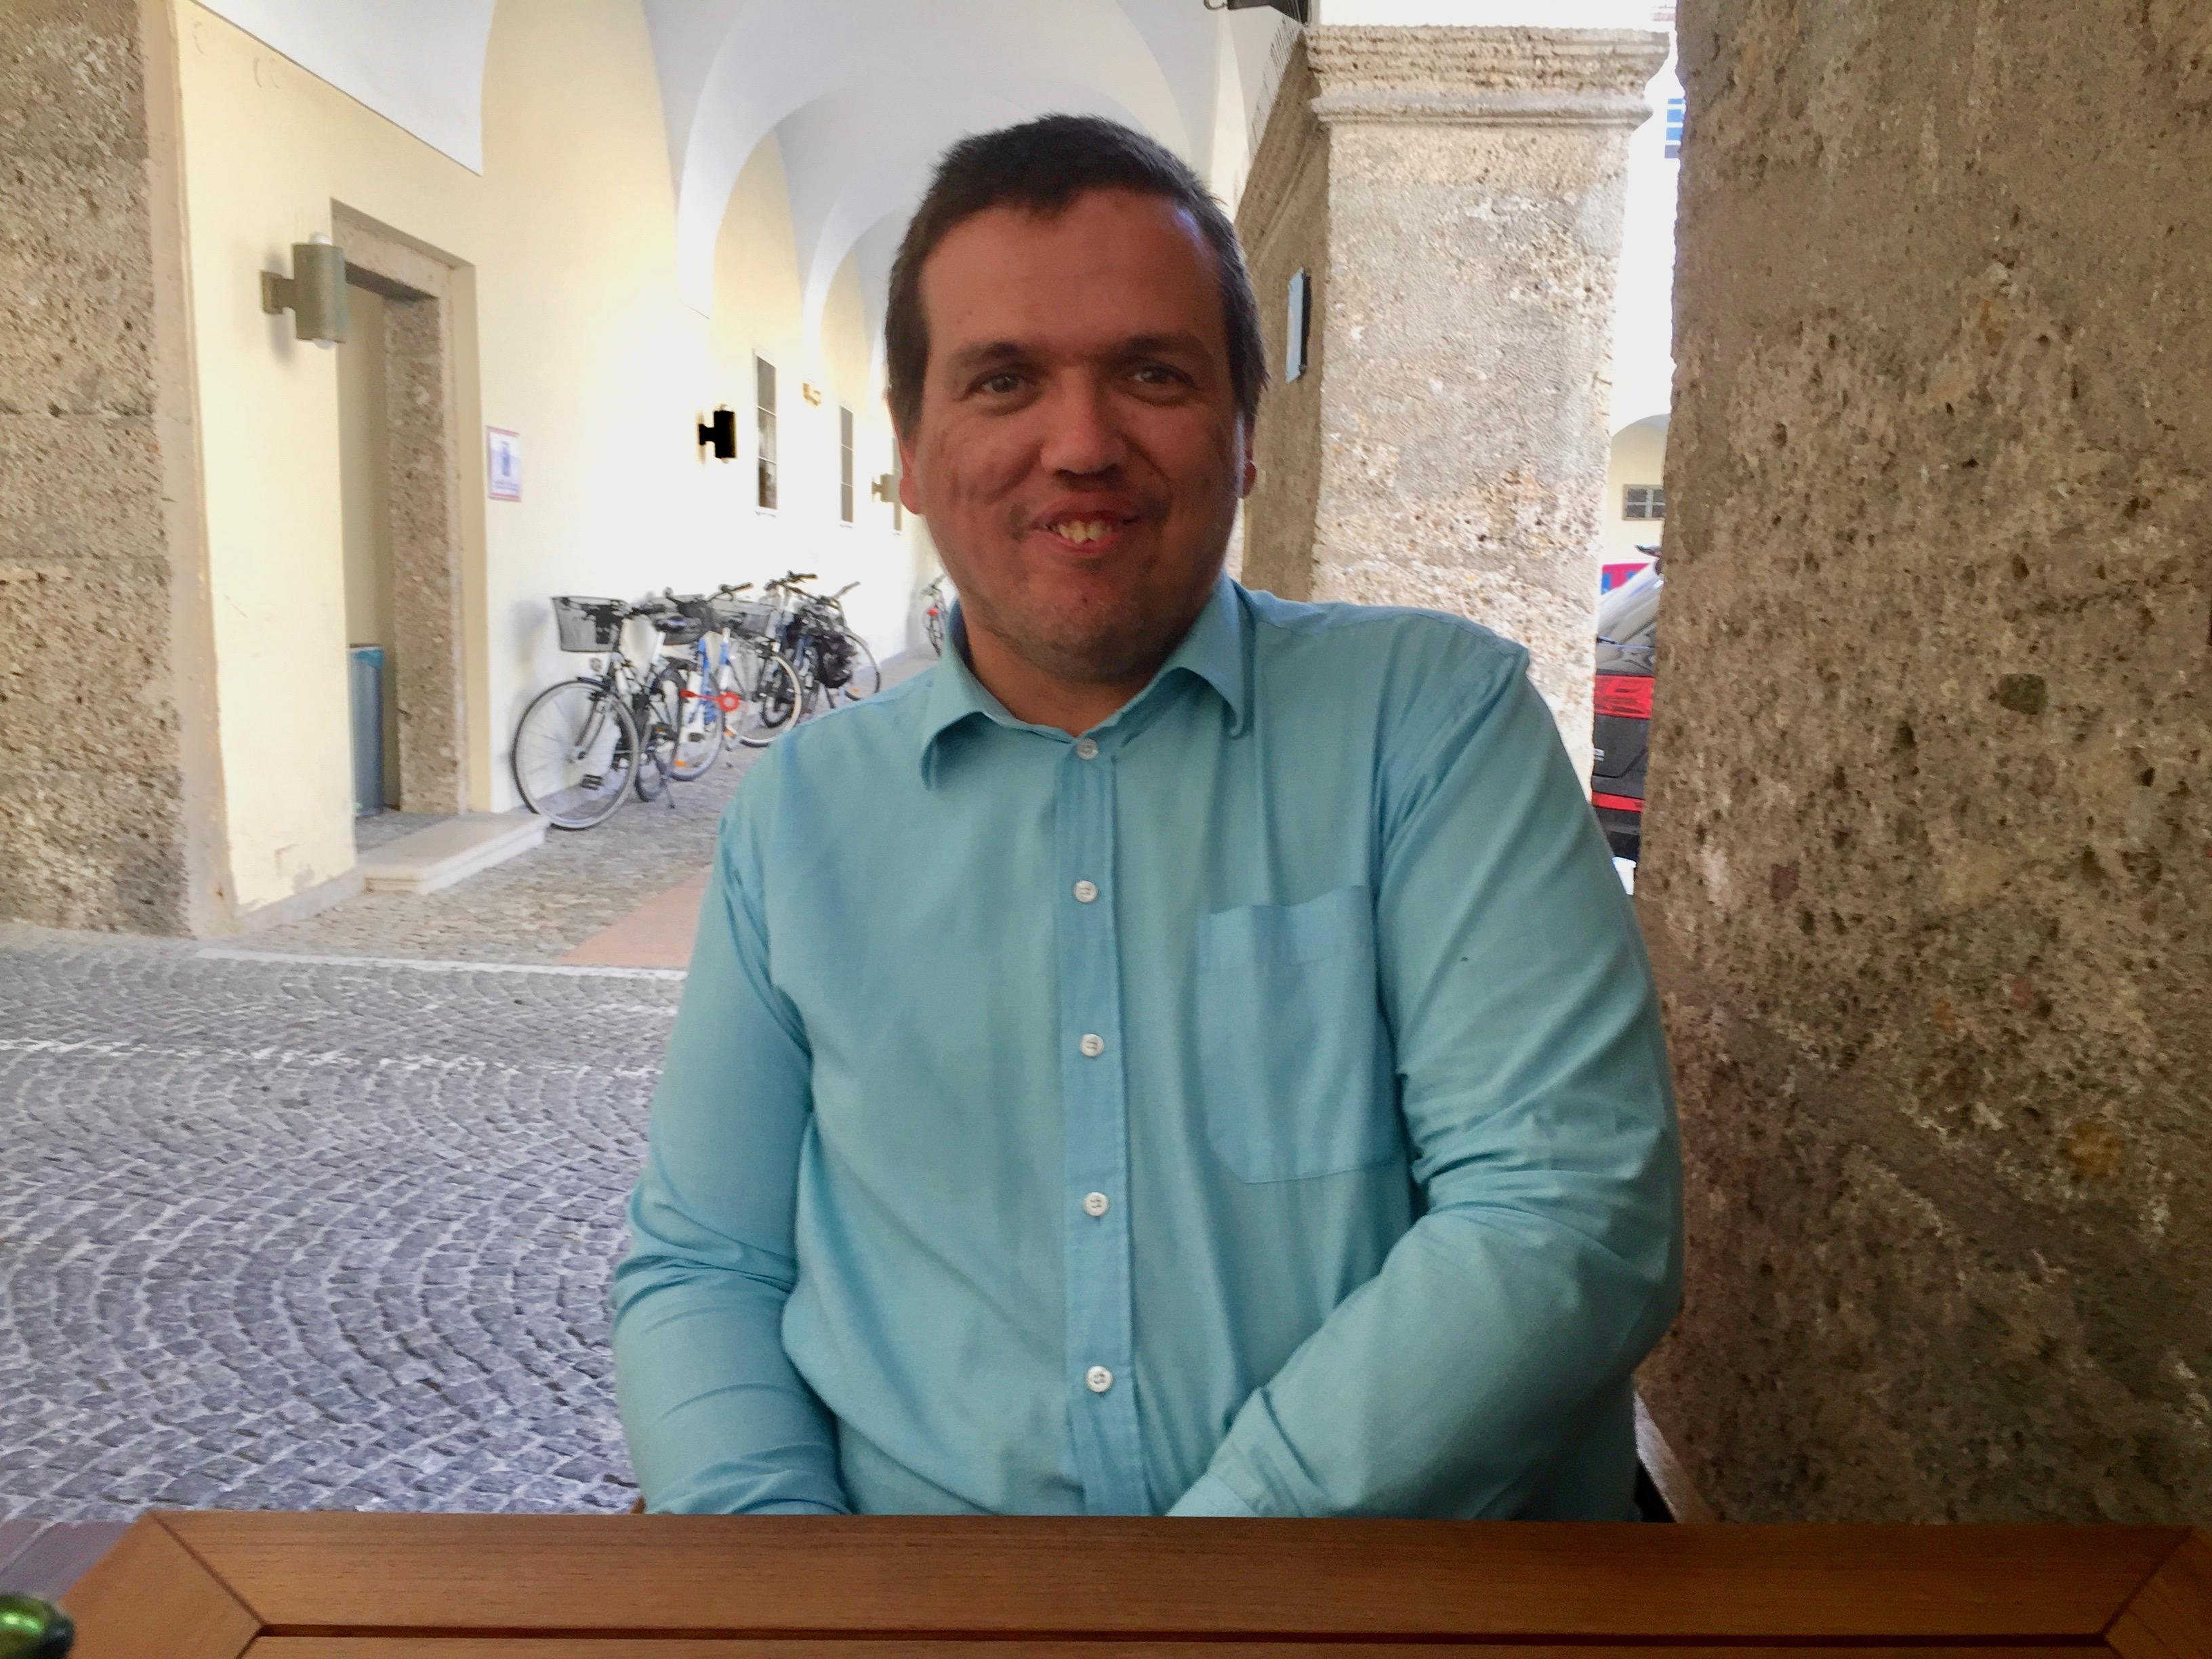 Erich Girlek sitzt an einem Tisch. Er lächelt. Er trägt ein hellblaues Hemd und einen Kurzhaarschnitt.